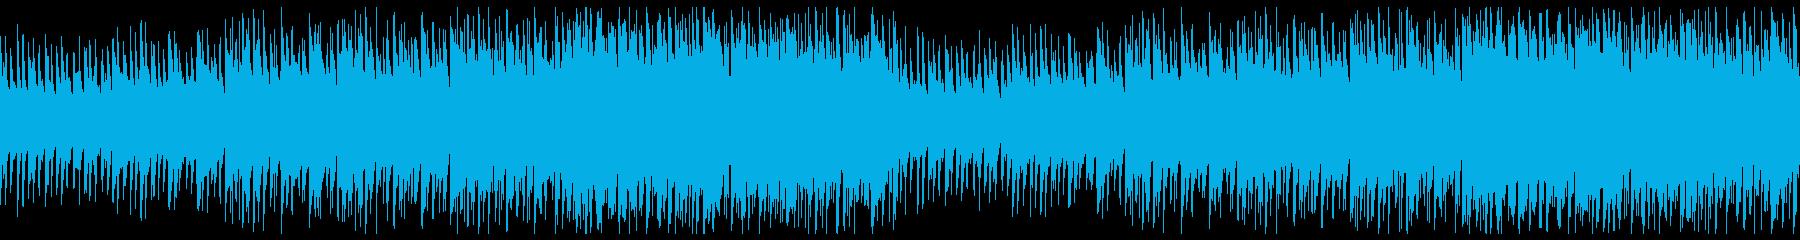 【ドラム抜き】おしゃれなEDMの再生済みの波形